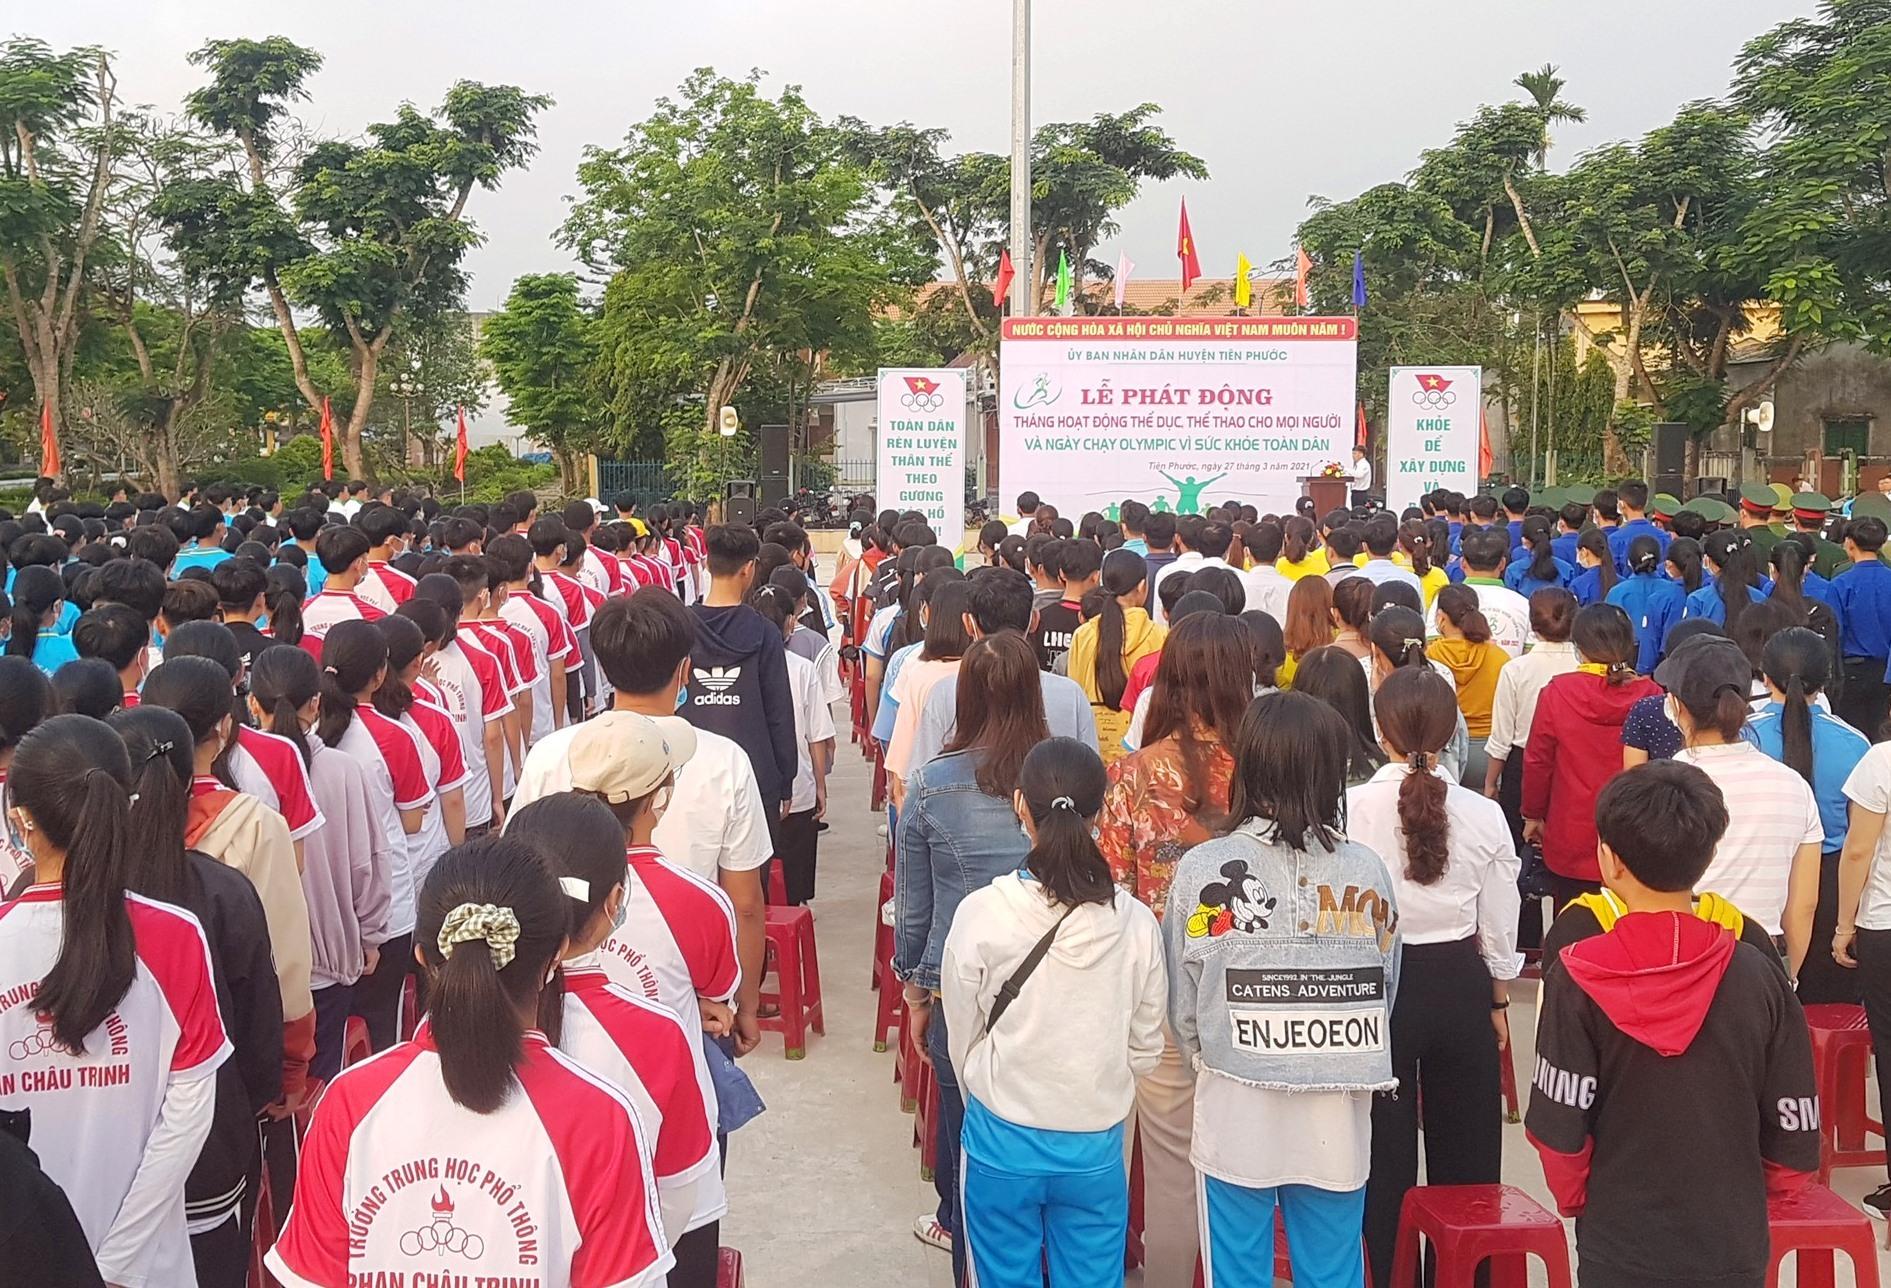 Tiên Phước tổ chức lễ phát động Tháng hoạt động thể dục, thể thao cho mọi người vào sáng nay. Ảnh: D.L